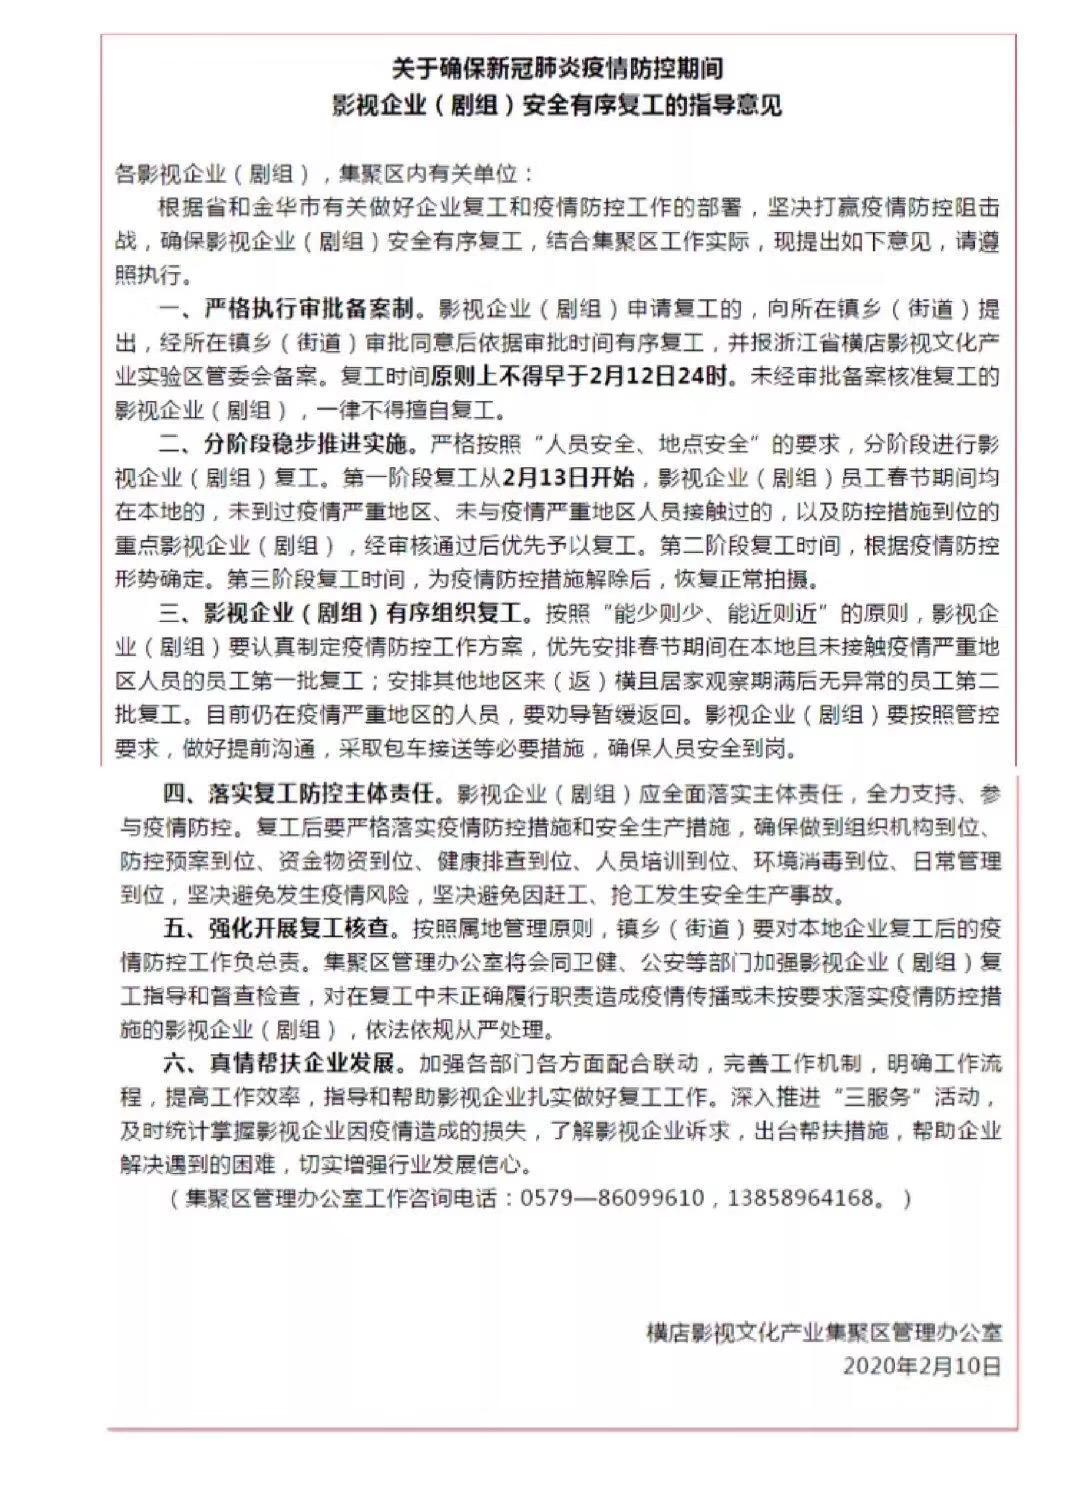 横店剧组可在2月13日之前申请复工,政府将出台帮扶措施